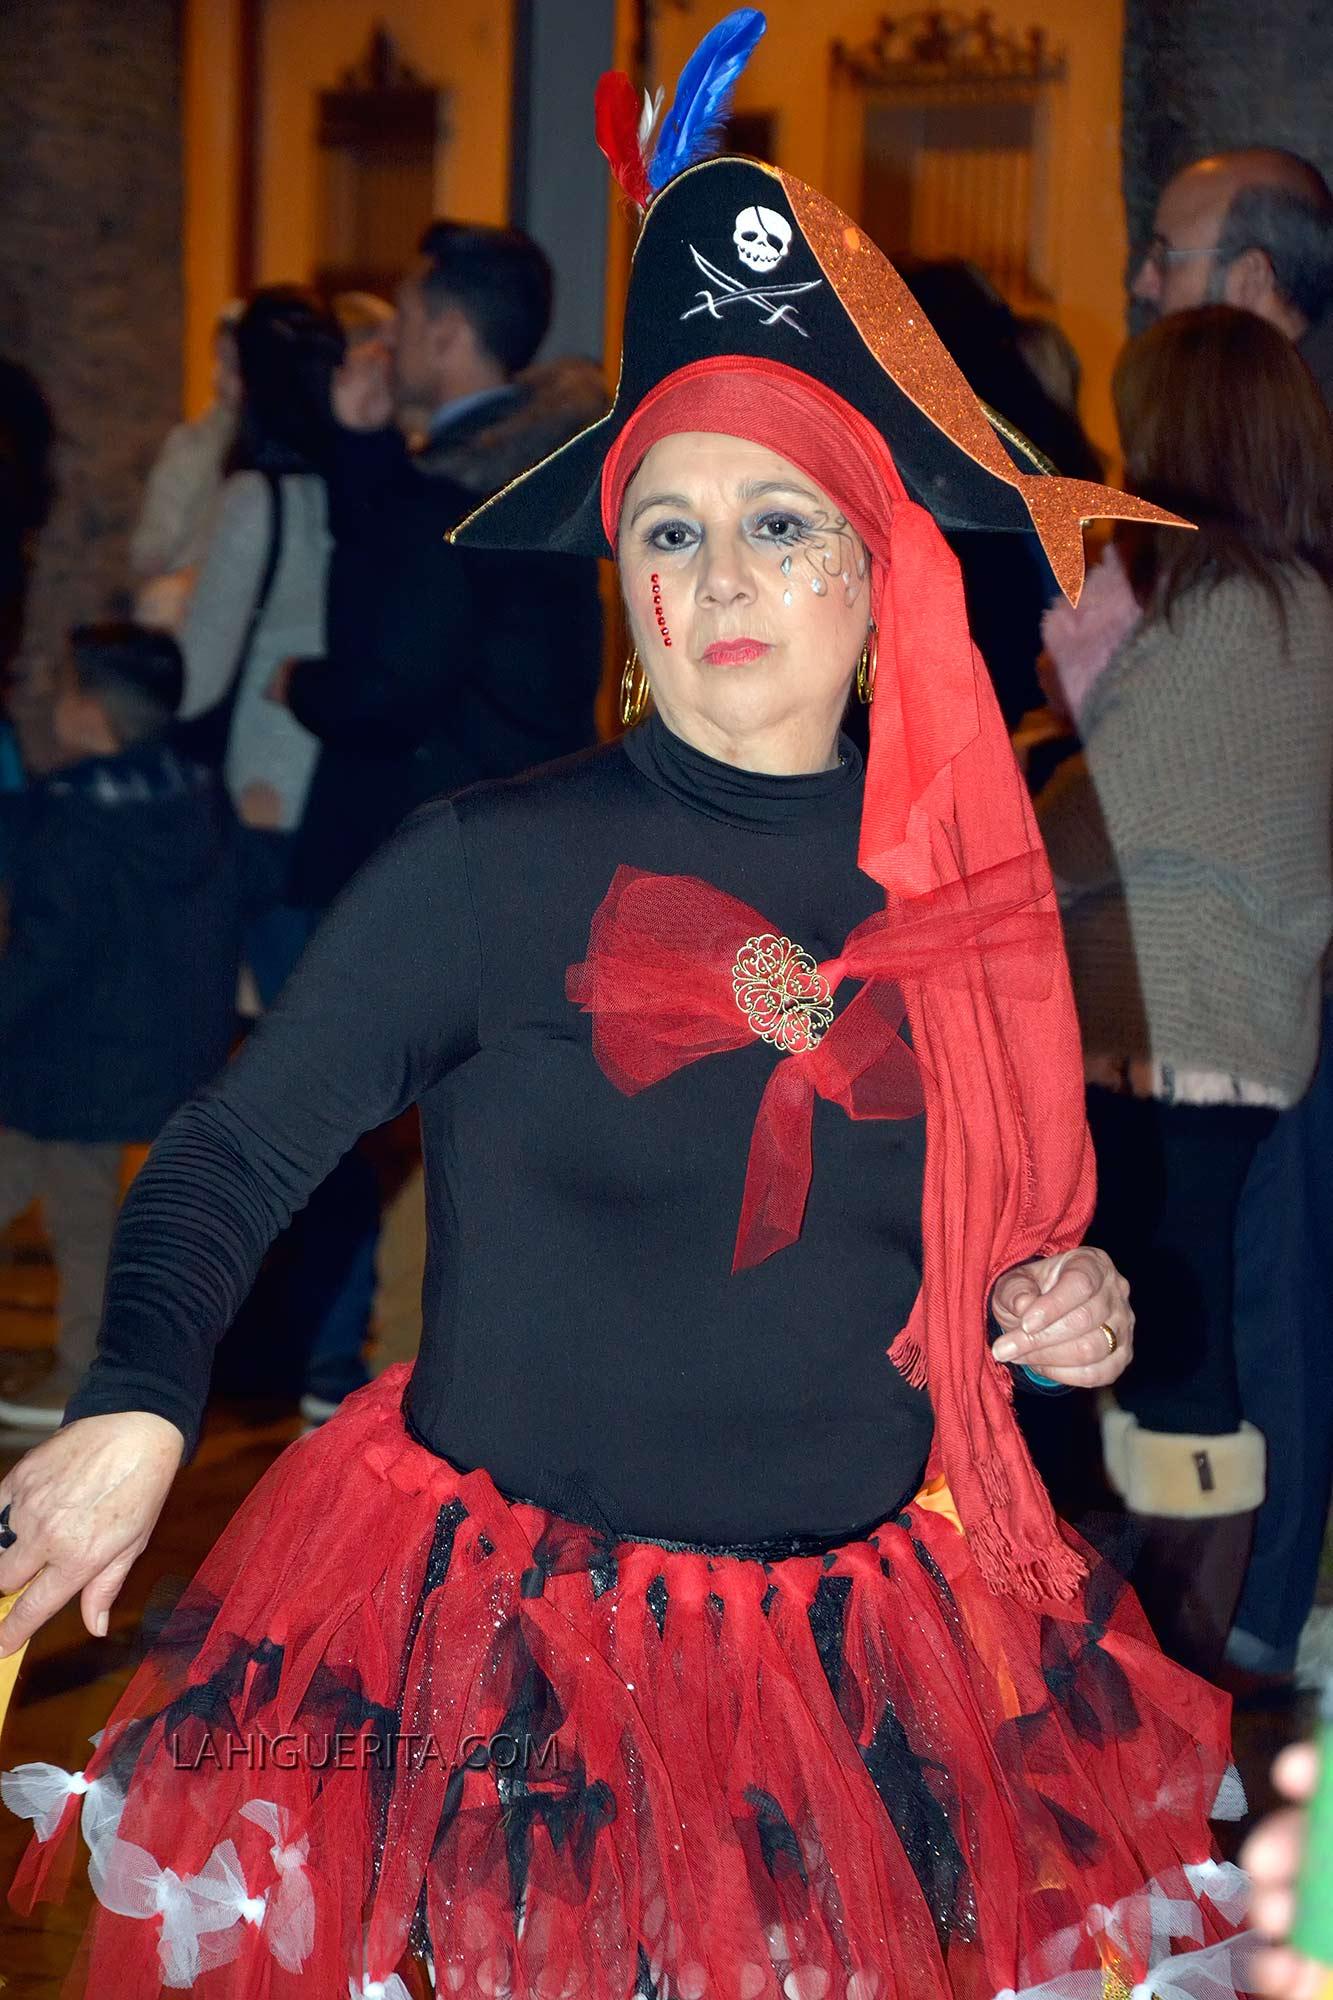 Entierro de la sardina carnaval isla cristina _DSC2257